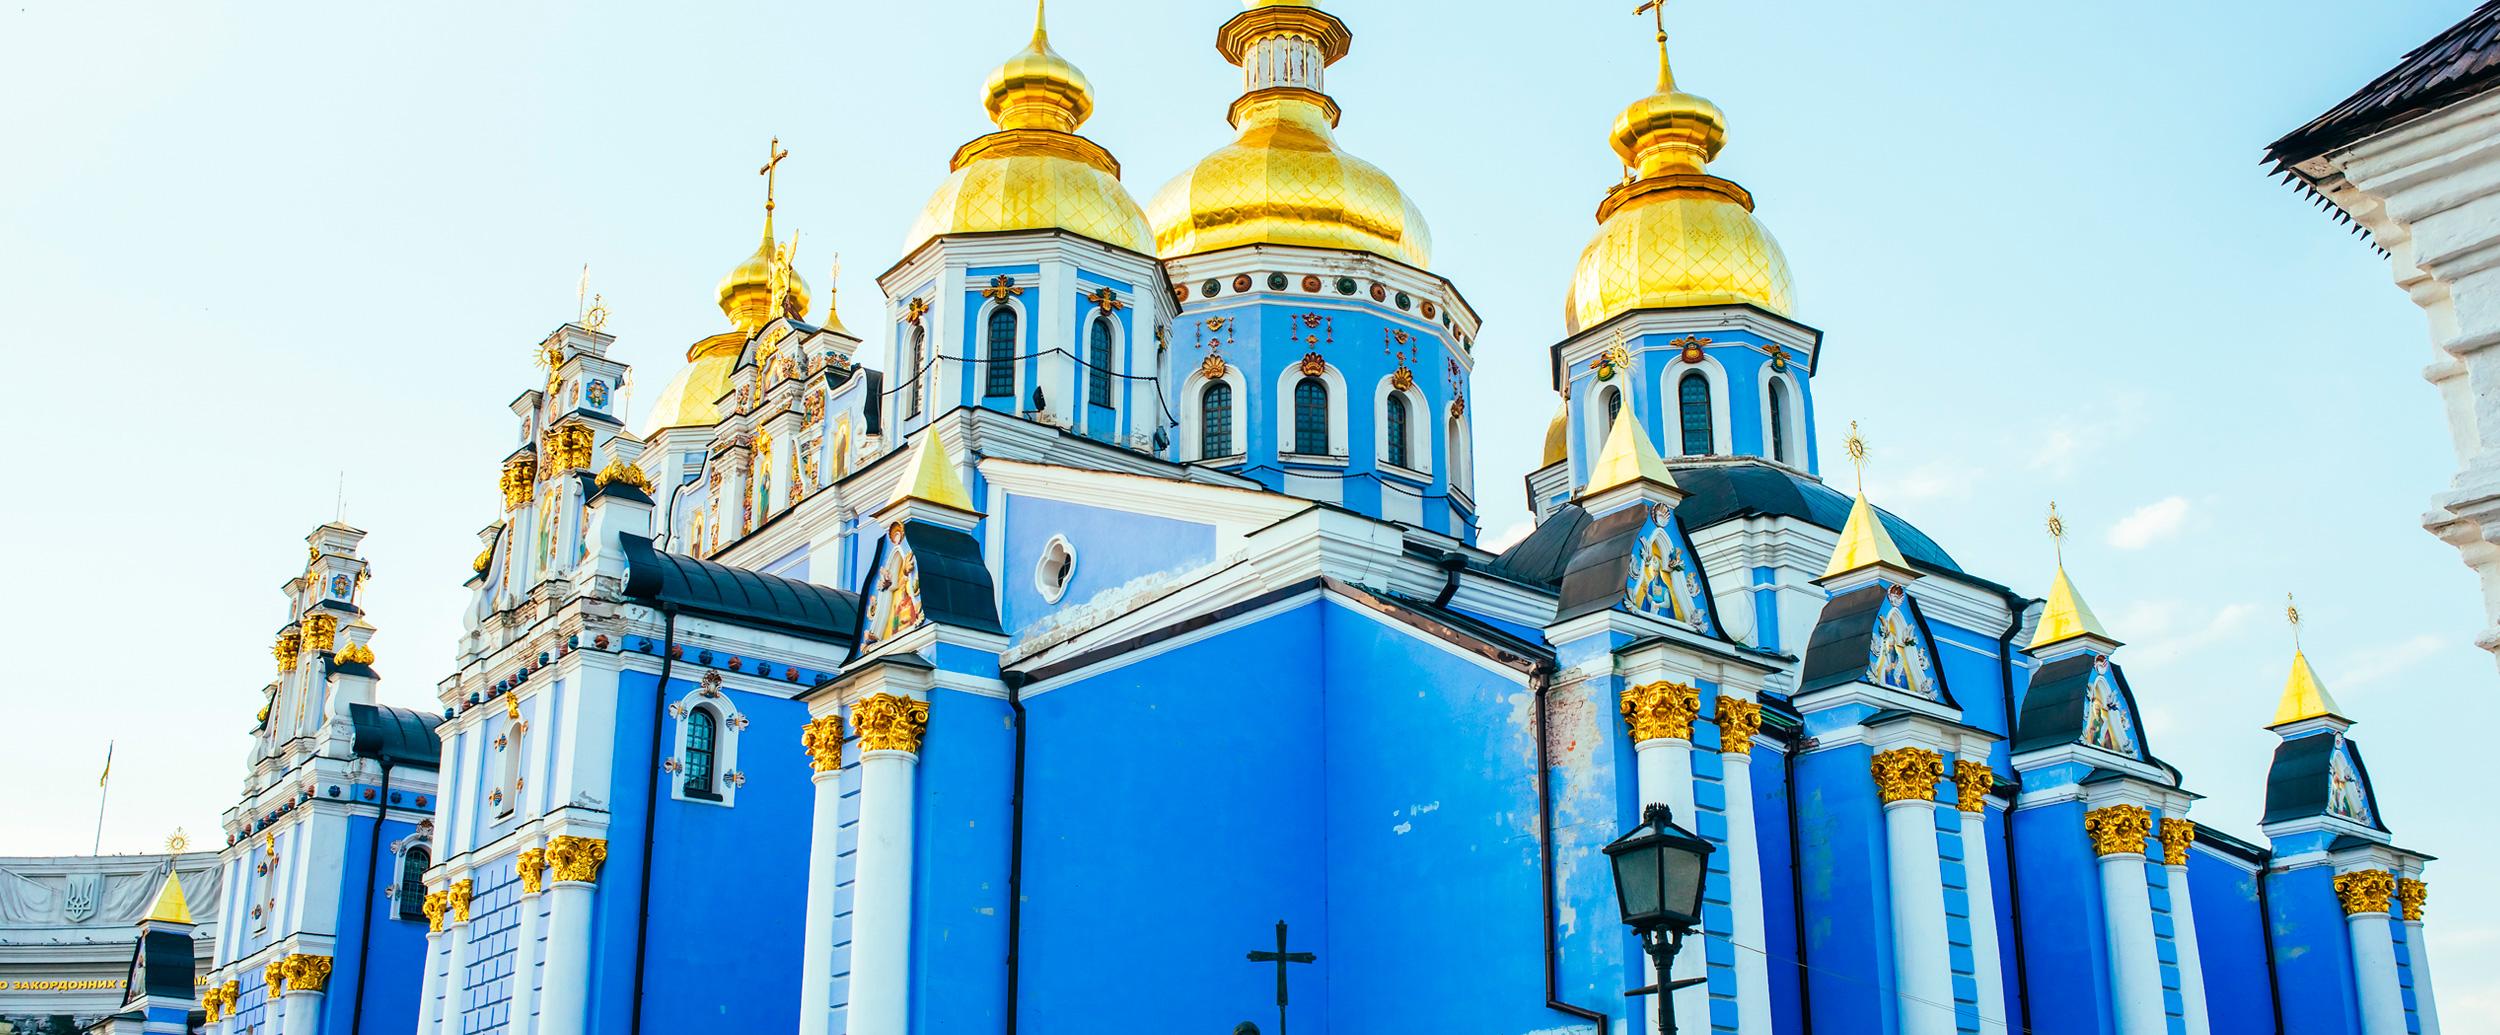 vacances en ukraine payer en plusieurs fois magiclub voyages. Black Bedroom Furniture Sets. Home Design Ideas